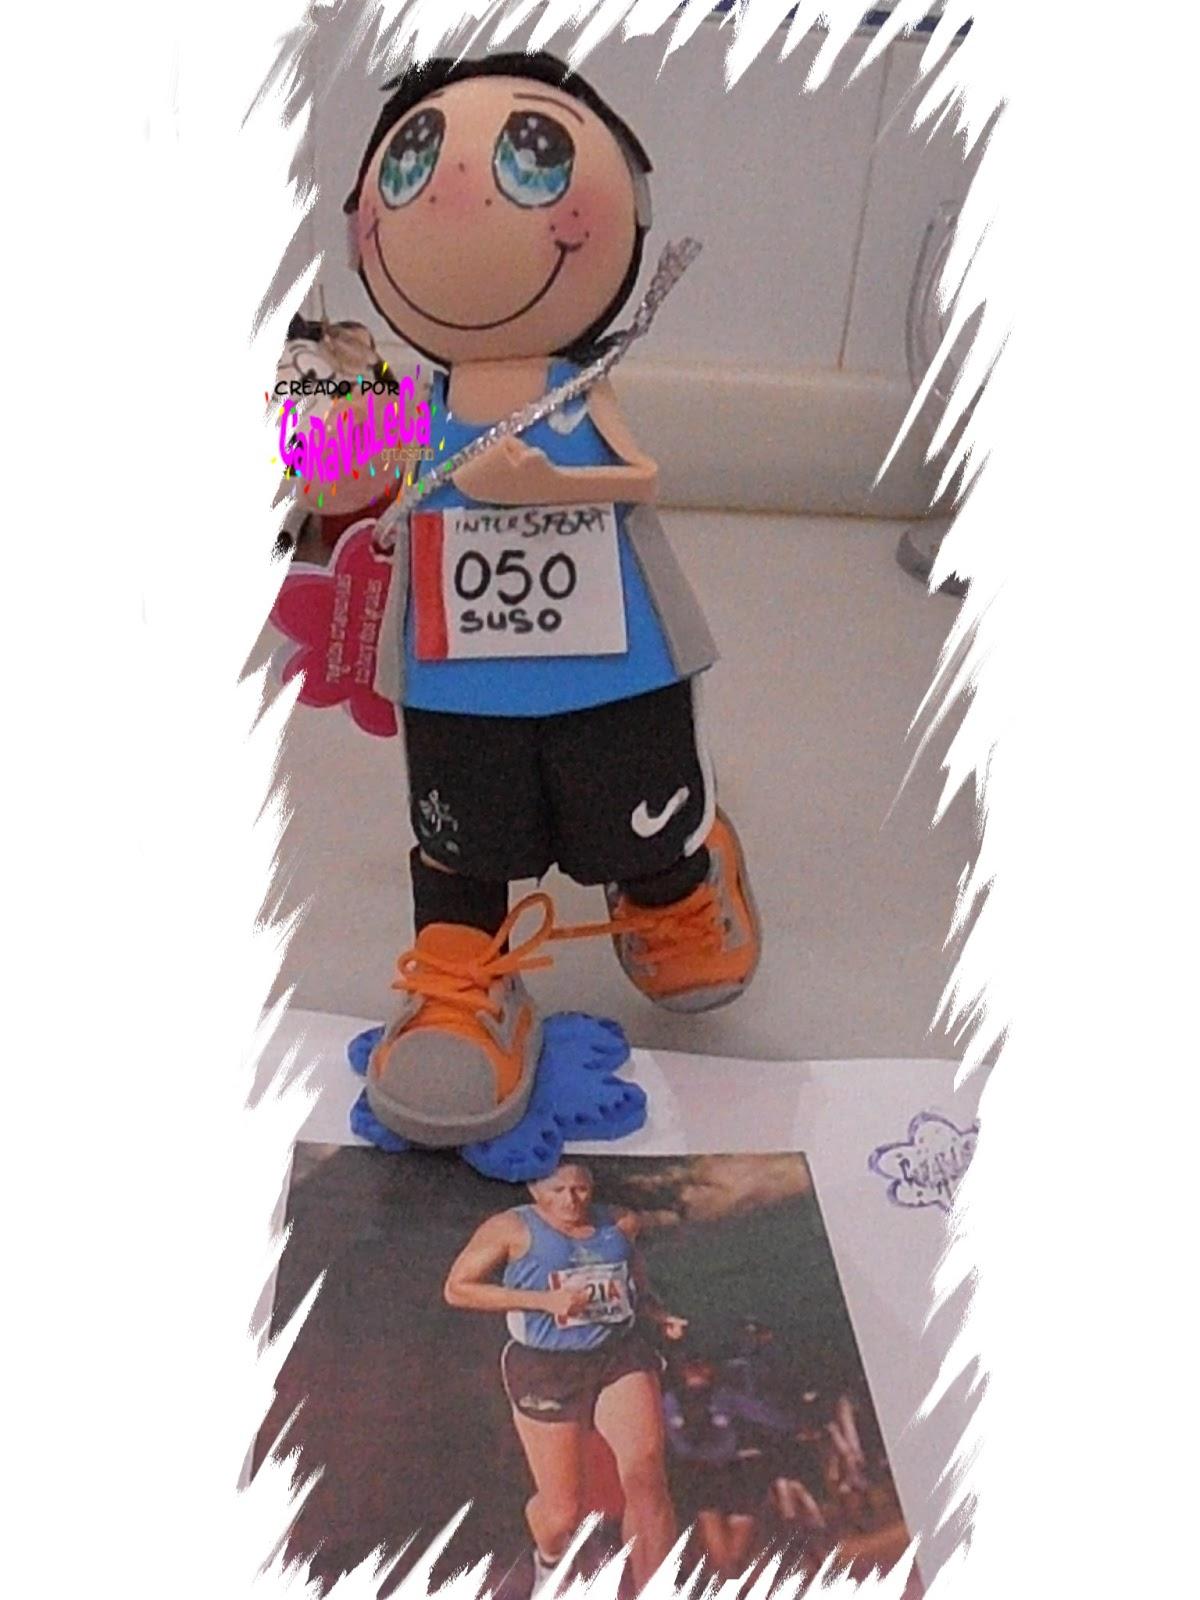 http://4.bp.blogspot.com/-IKZXeJizDeg/TwLas-TE9mI/AAAAAAAAAu4/IcVU0LSSBaQ/s1600/atleta+lugo.jpg